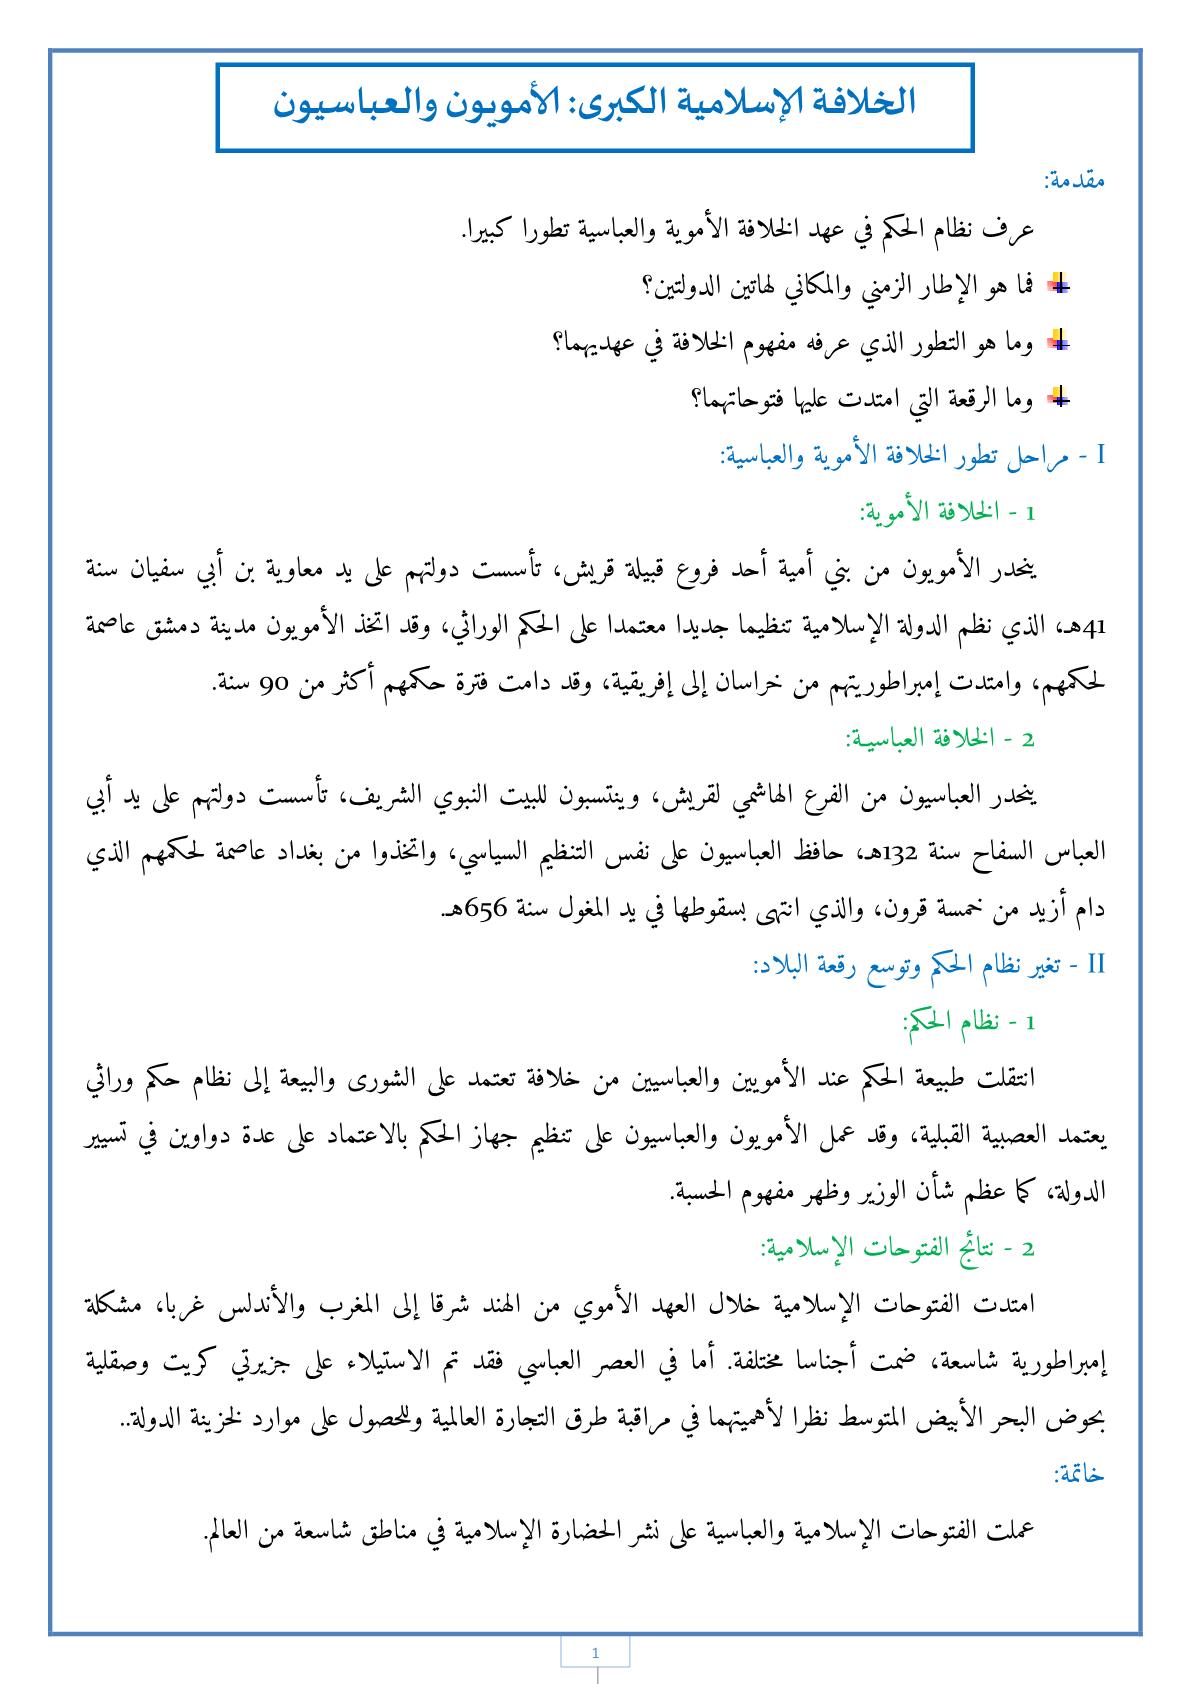 درس الخلافة الإسلامية الكبرى: الأمويون والعباسيون (فضاء الاجتماعيات)